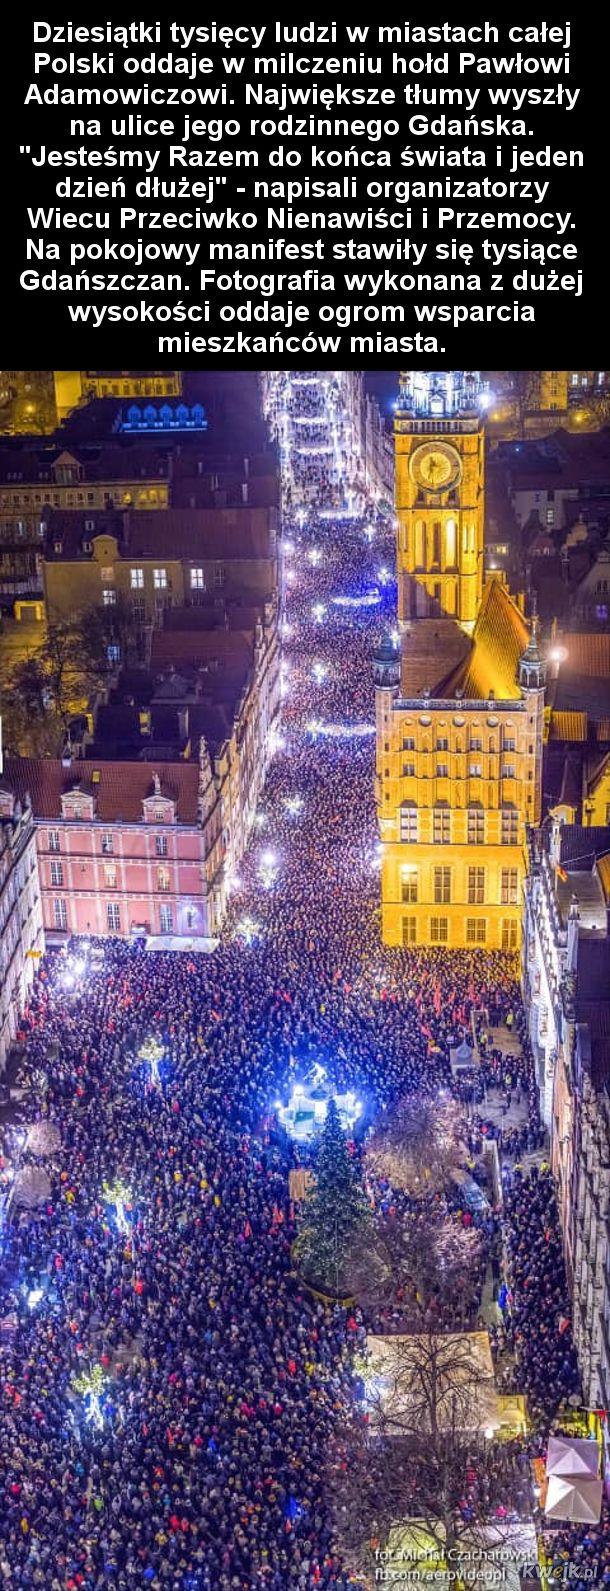 Niesamowite zdjęcie z Wiecu Przeciwko Nienawiści i Przemocy